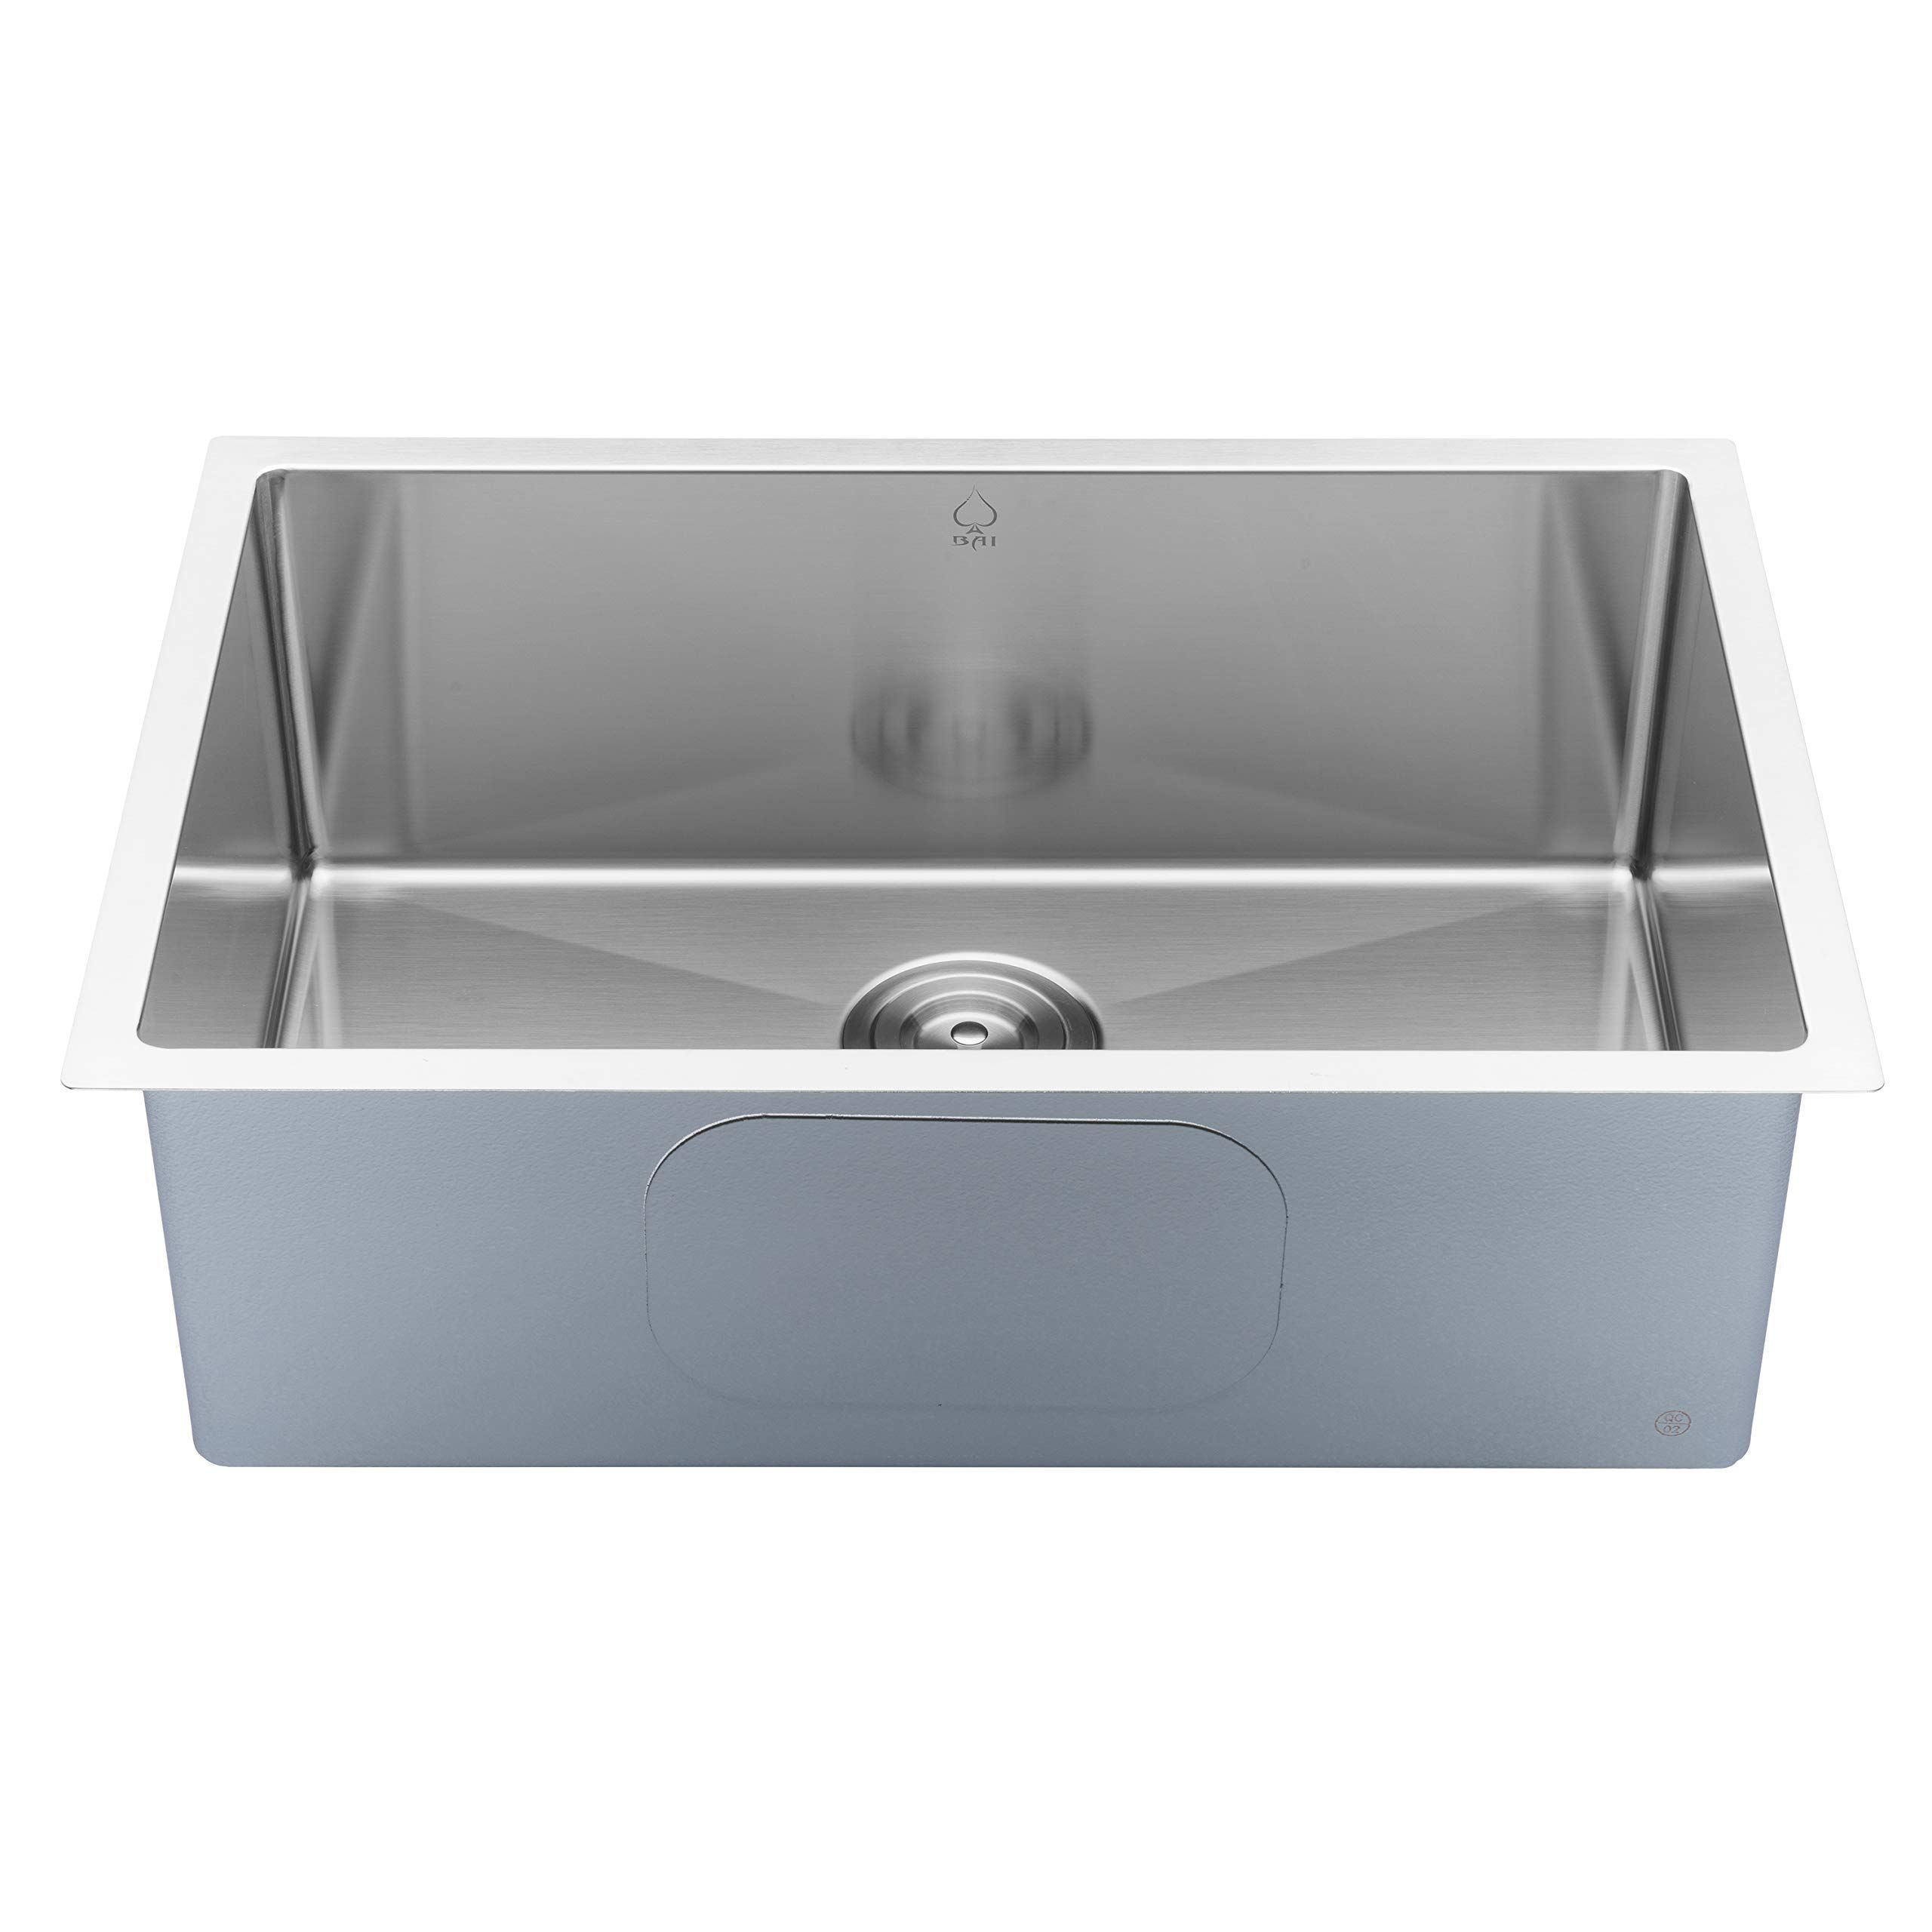 Bai 122127 Handmade Stainless Steel Kitchen Sink Single Bowl Under